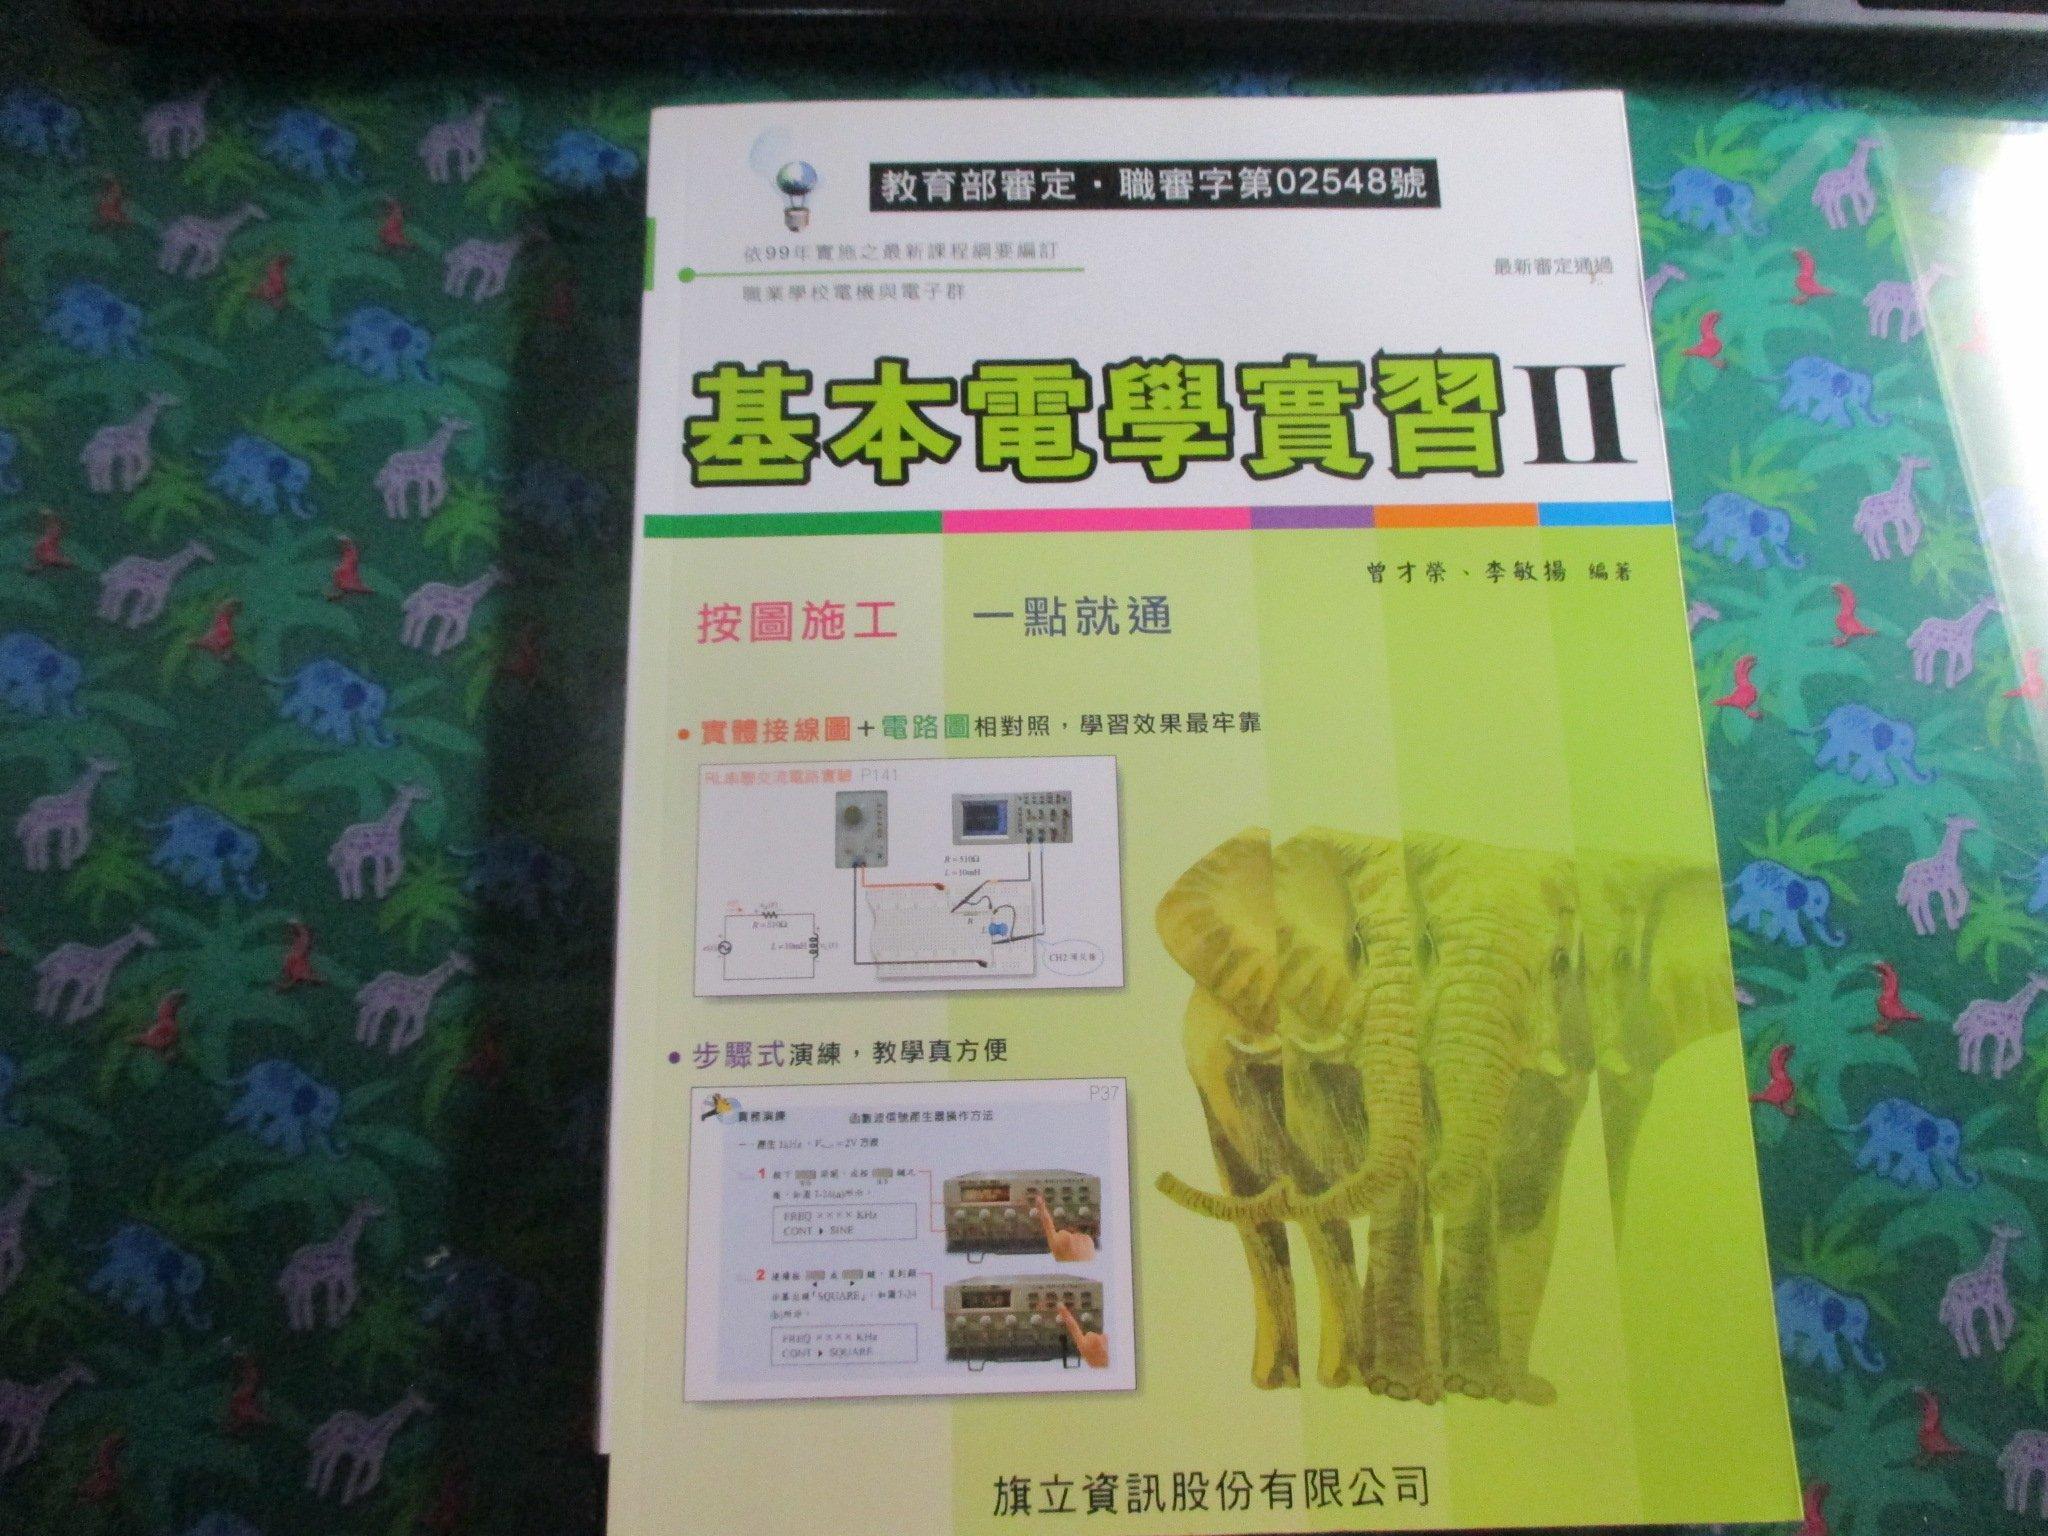 【鑽石城 書】高職教科書 99課綱電機與電子群 電學實習 II 2 課本 旗立出版 2014 11 沒寫.